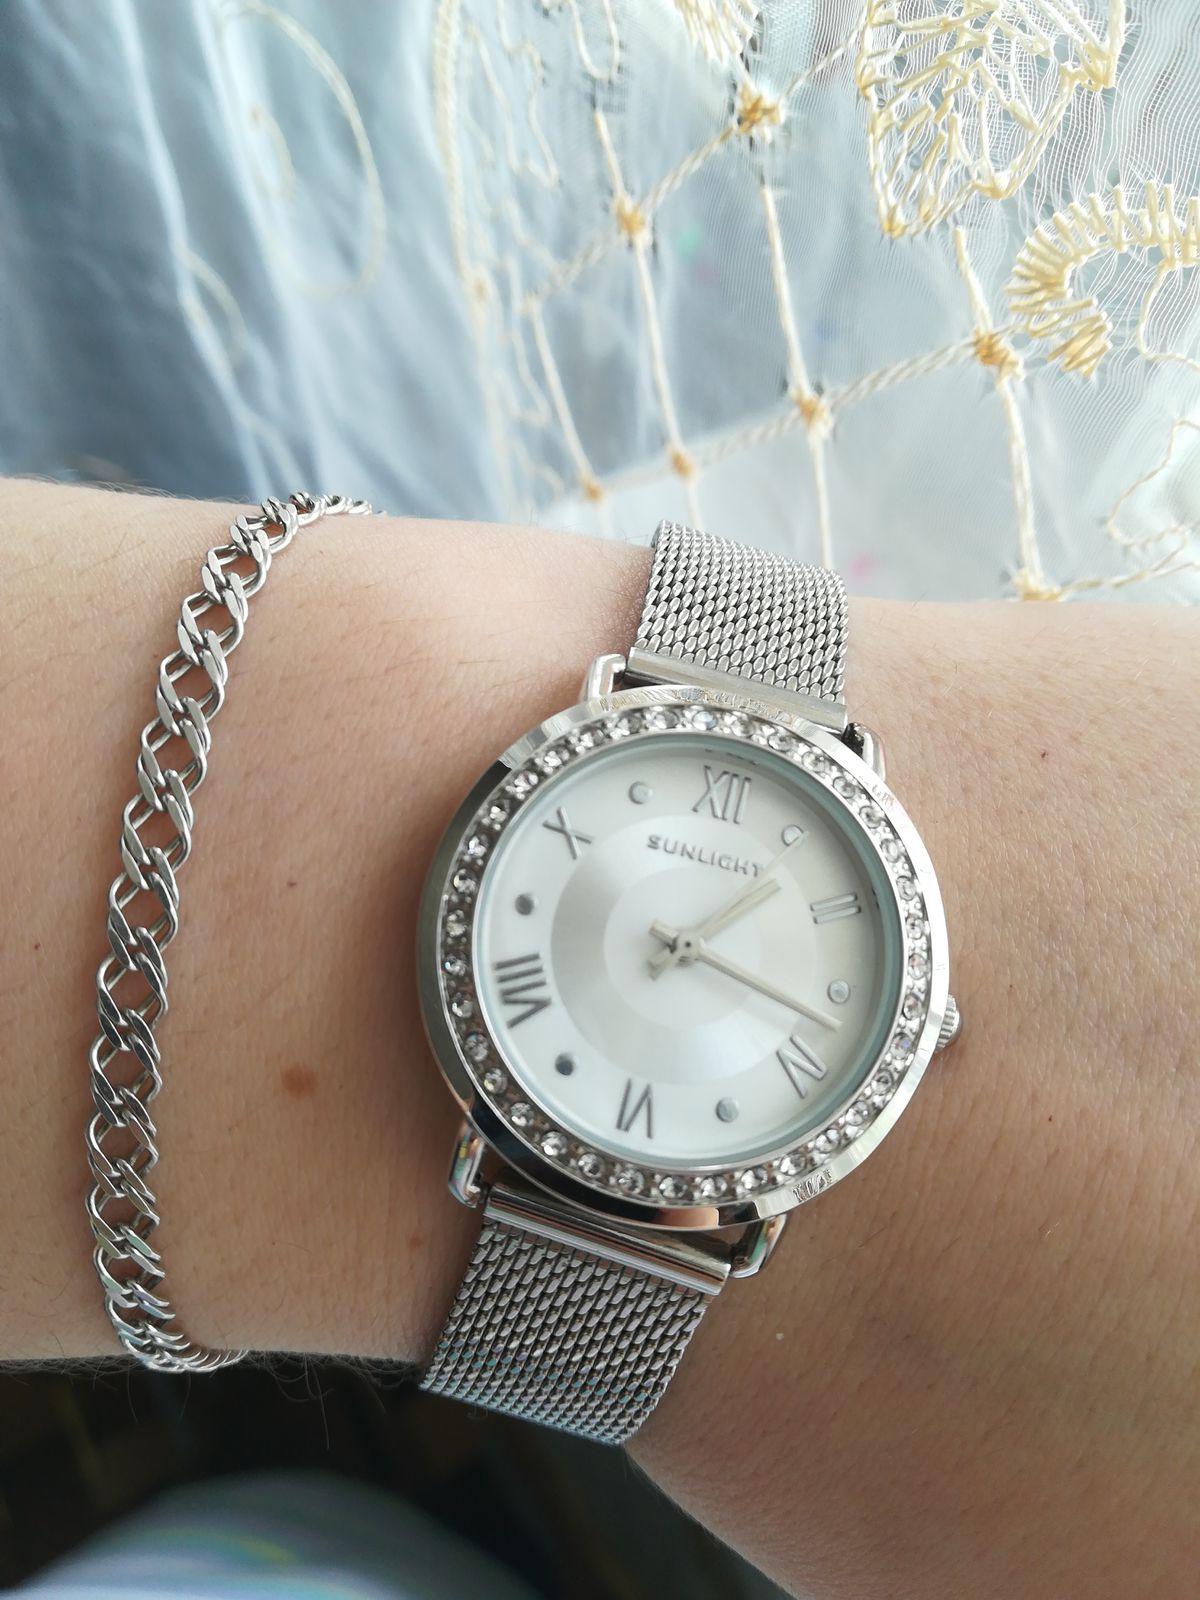 Обожаю серебро и все изделия под цвет серебра, давно мечтала о таких часах!